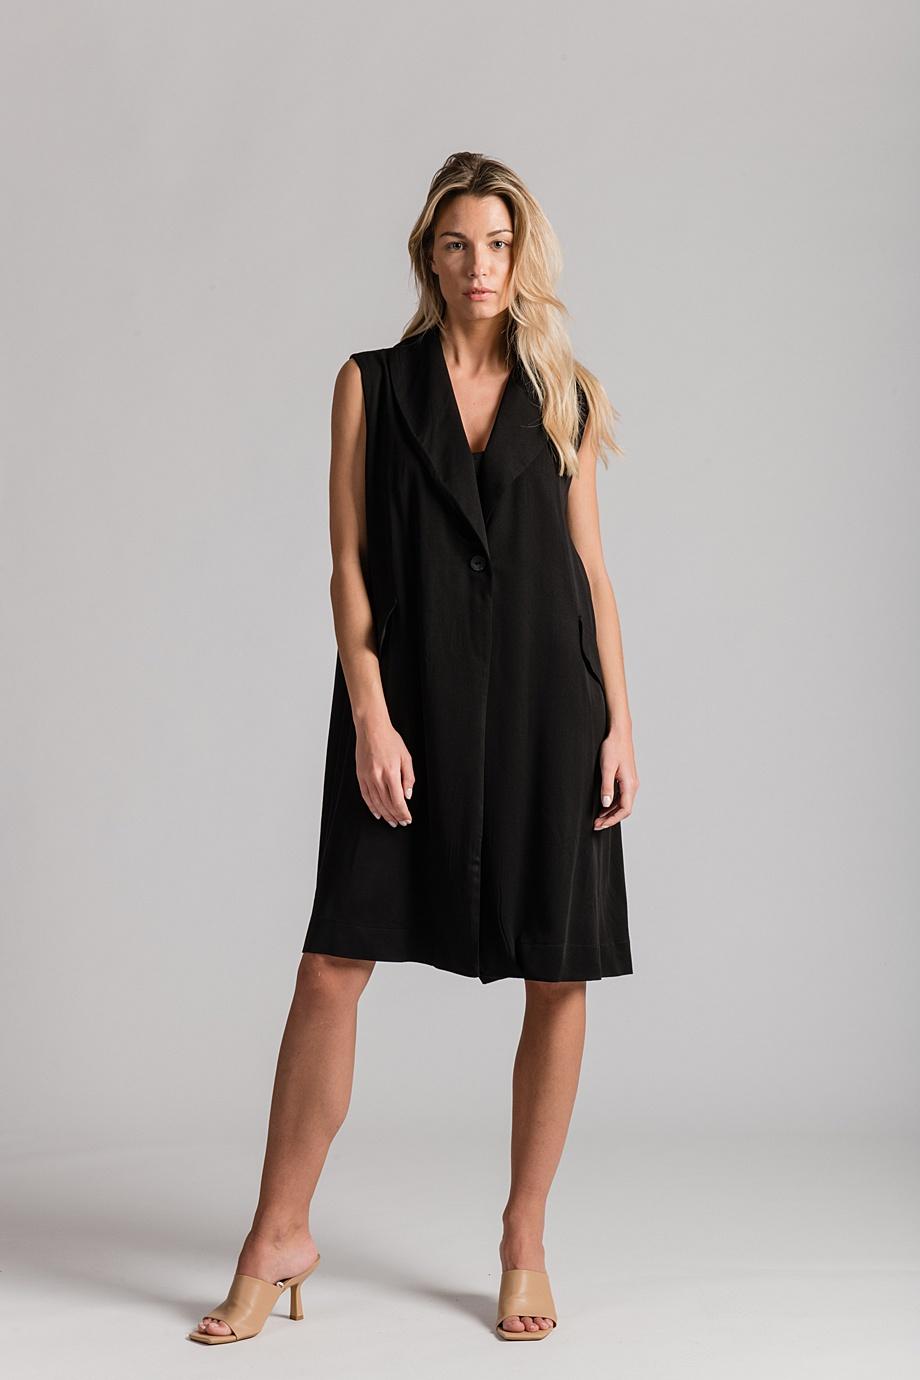 Haljina Blaze - 1.290kn - 100% viskoza - one size - crna boja - LuLu Couture (1)